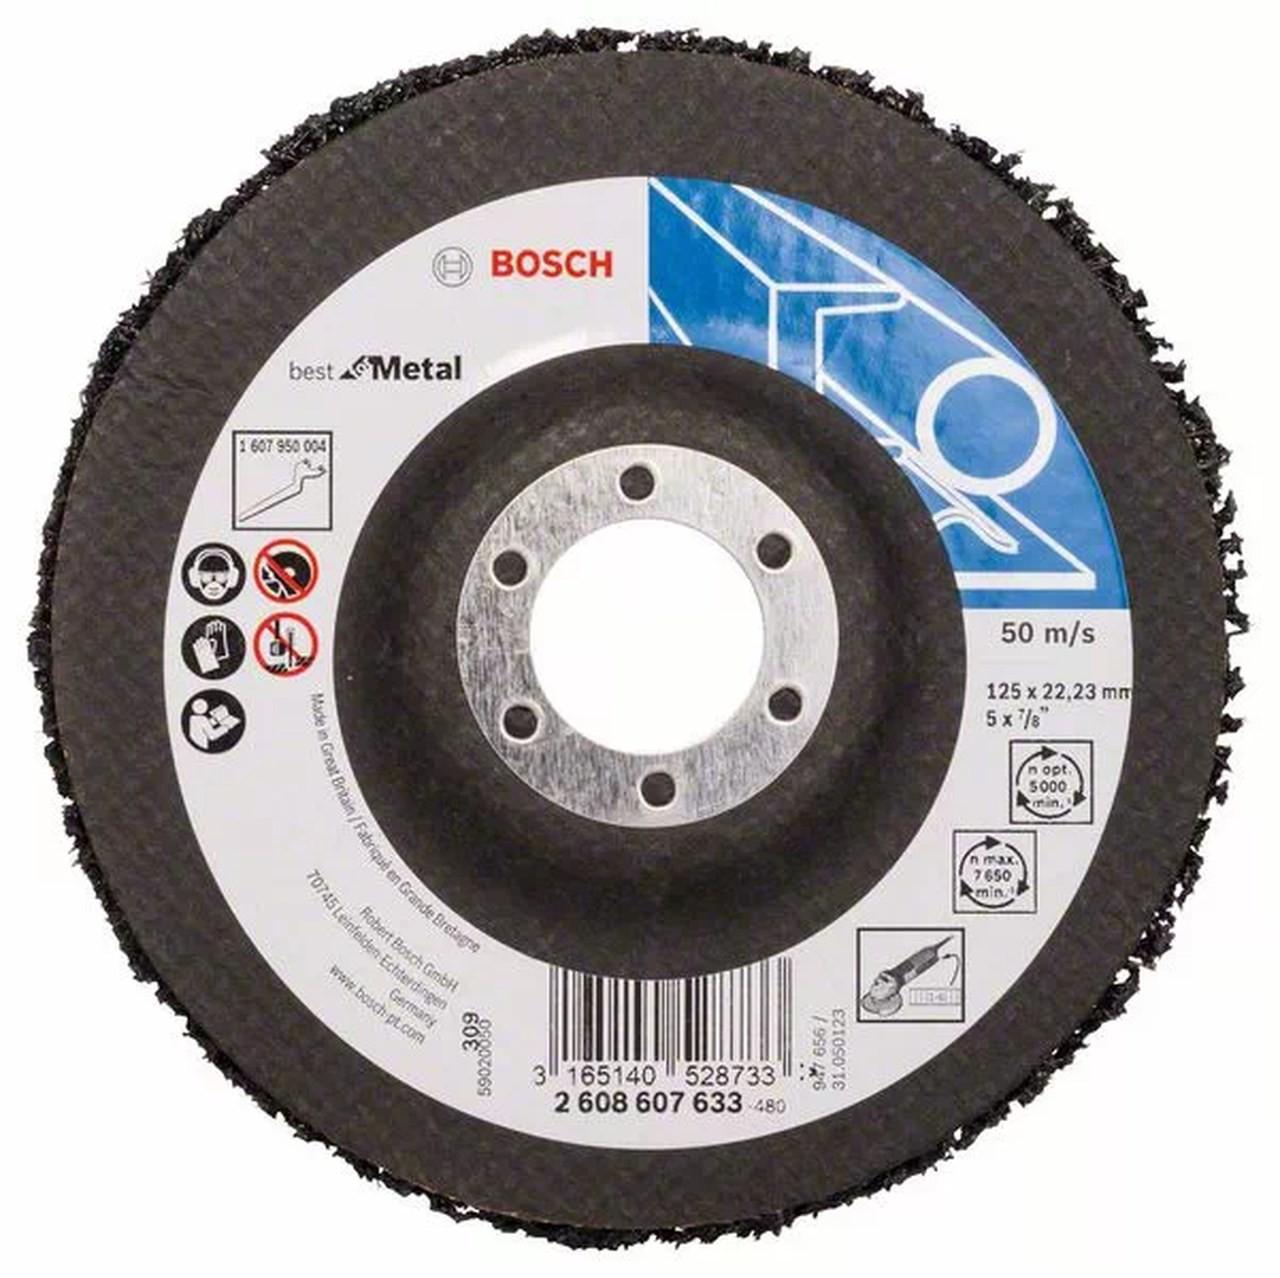 Disco de limpeza e acabamento 125mm X 22 Bosch 2608607633